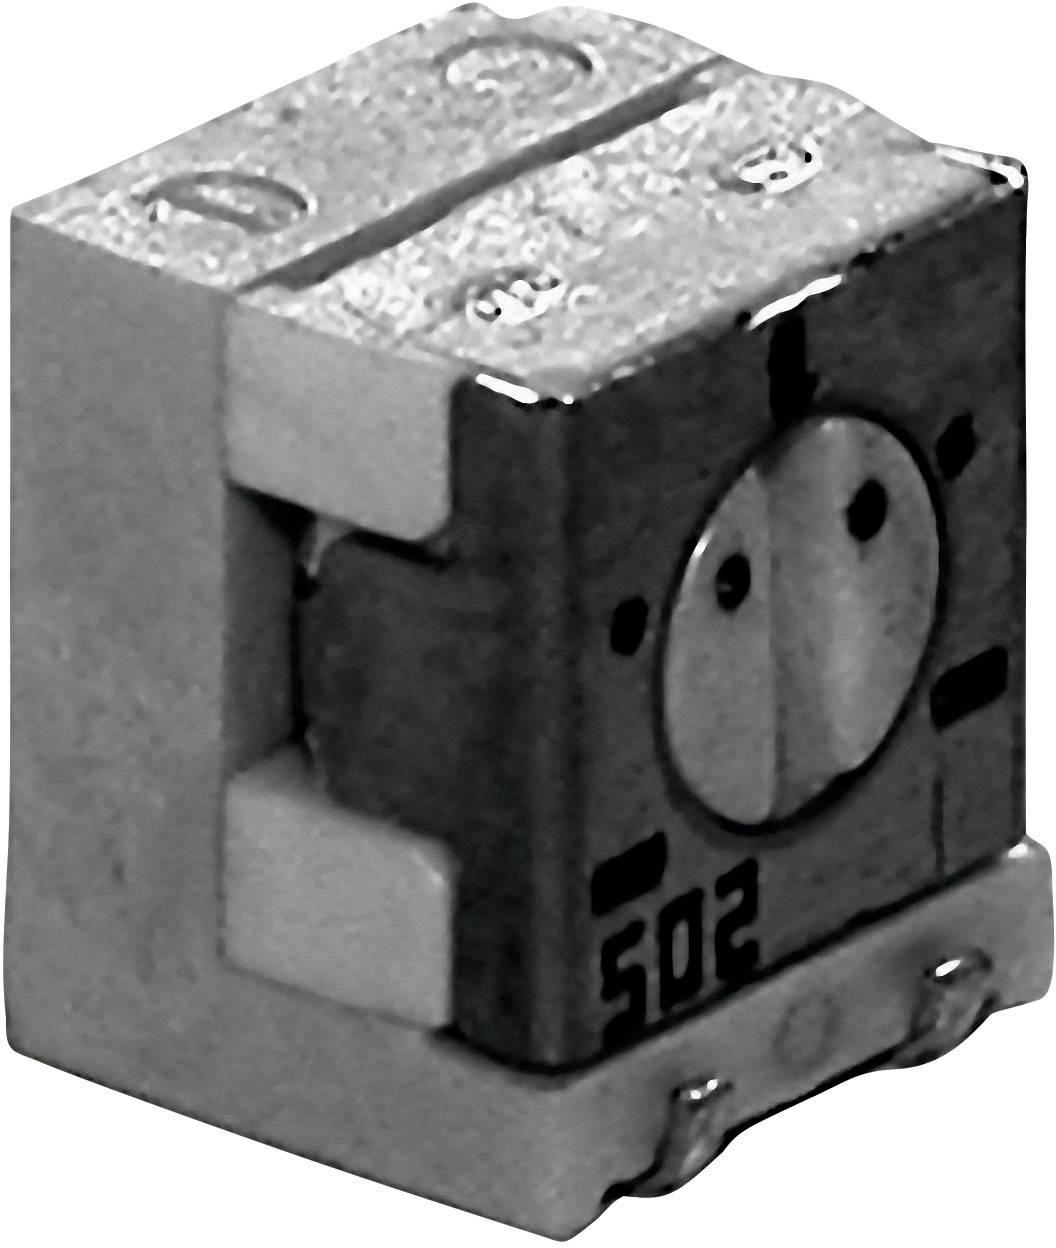 SMD trimr cermet TT Electro, ovl. boční, HC04, 2800587900, 50 kΩ, 0,25 W, ± 20 %